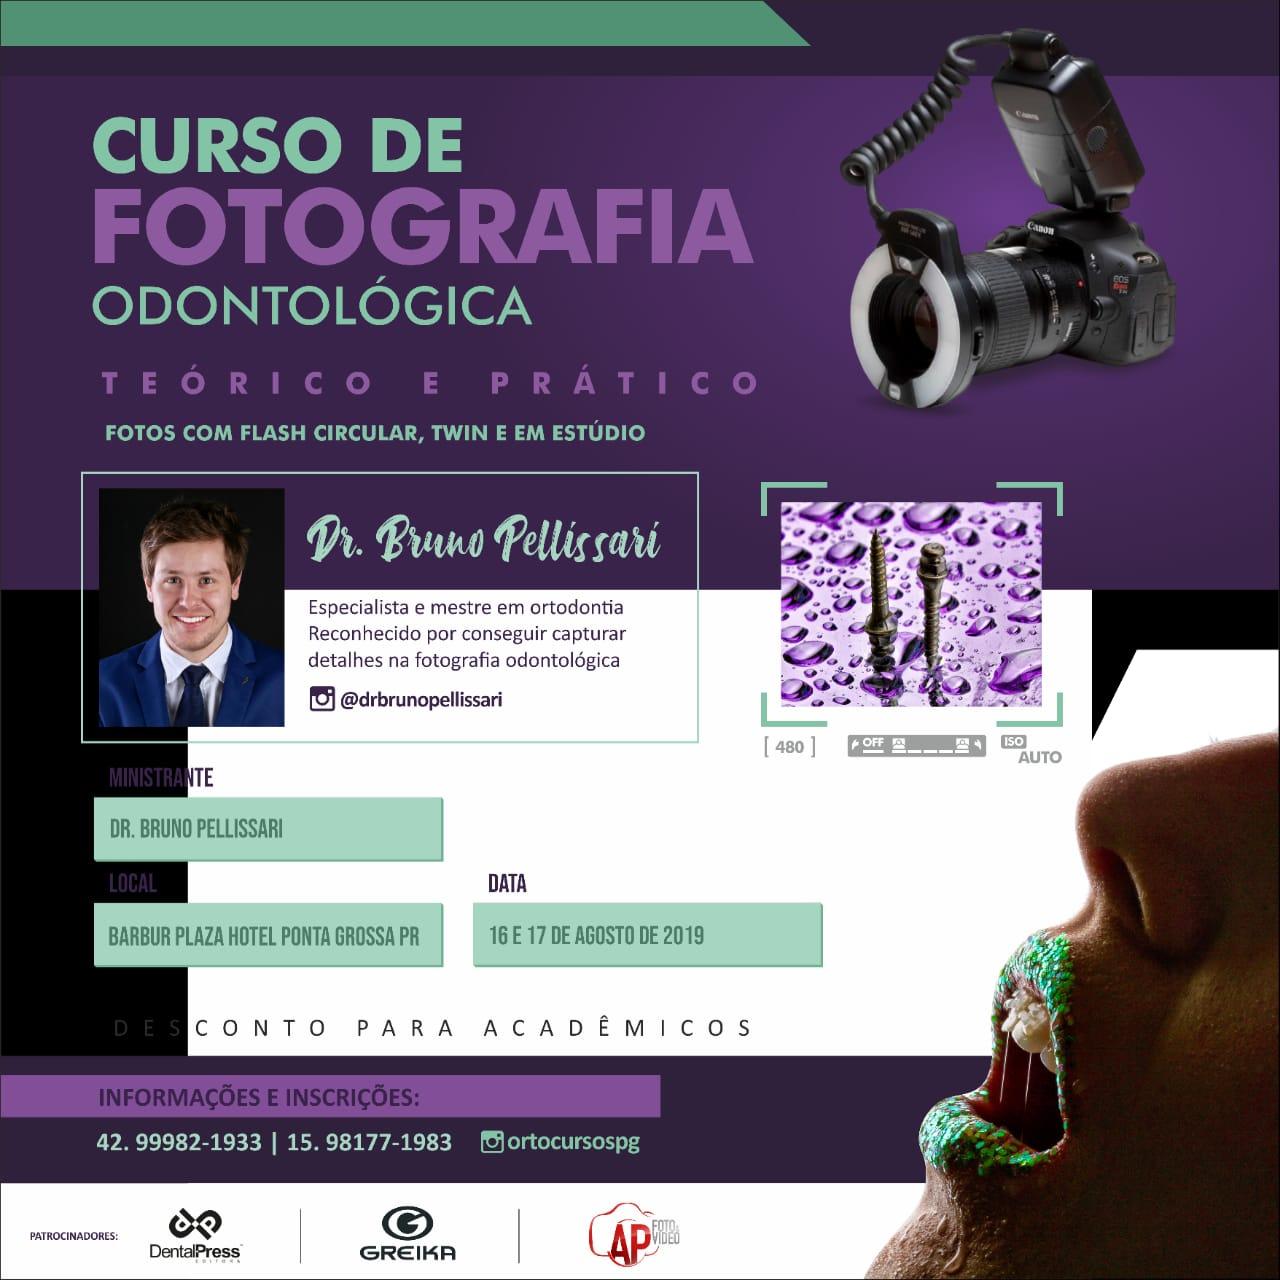 Curso de Fotografia Odontológica em ponta Grossa PR